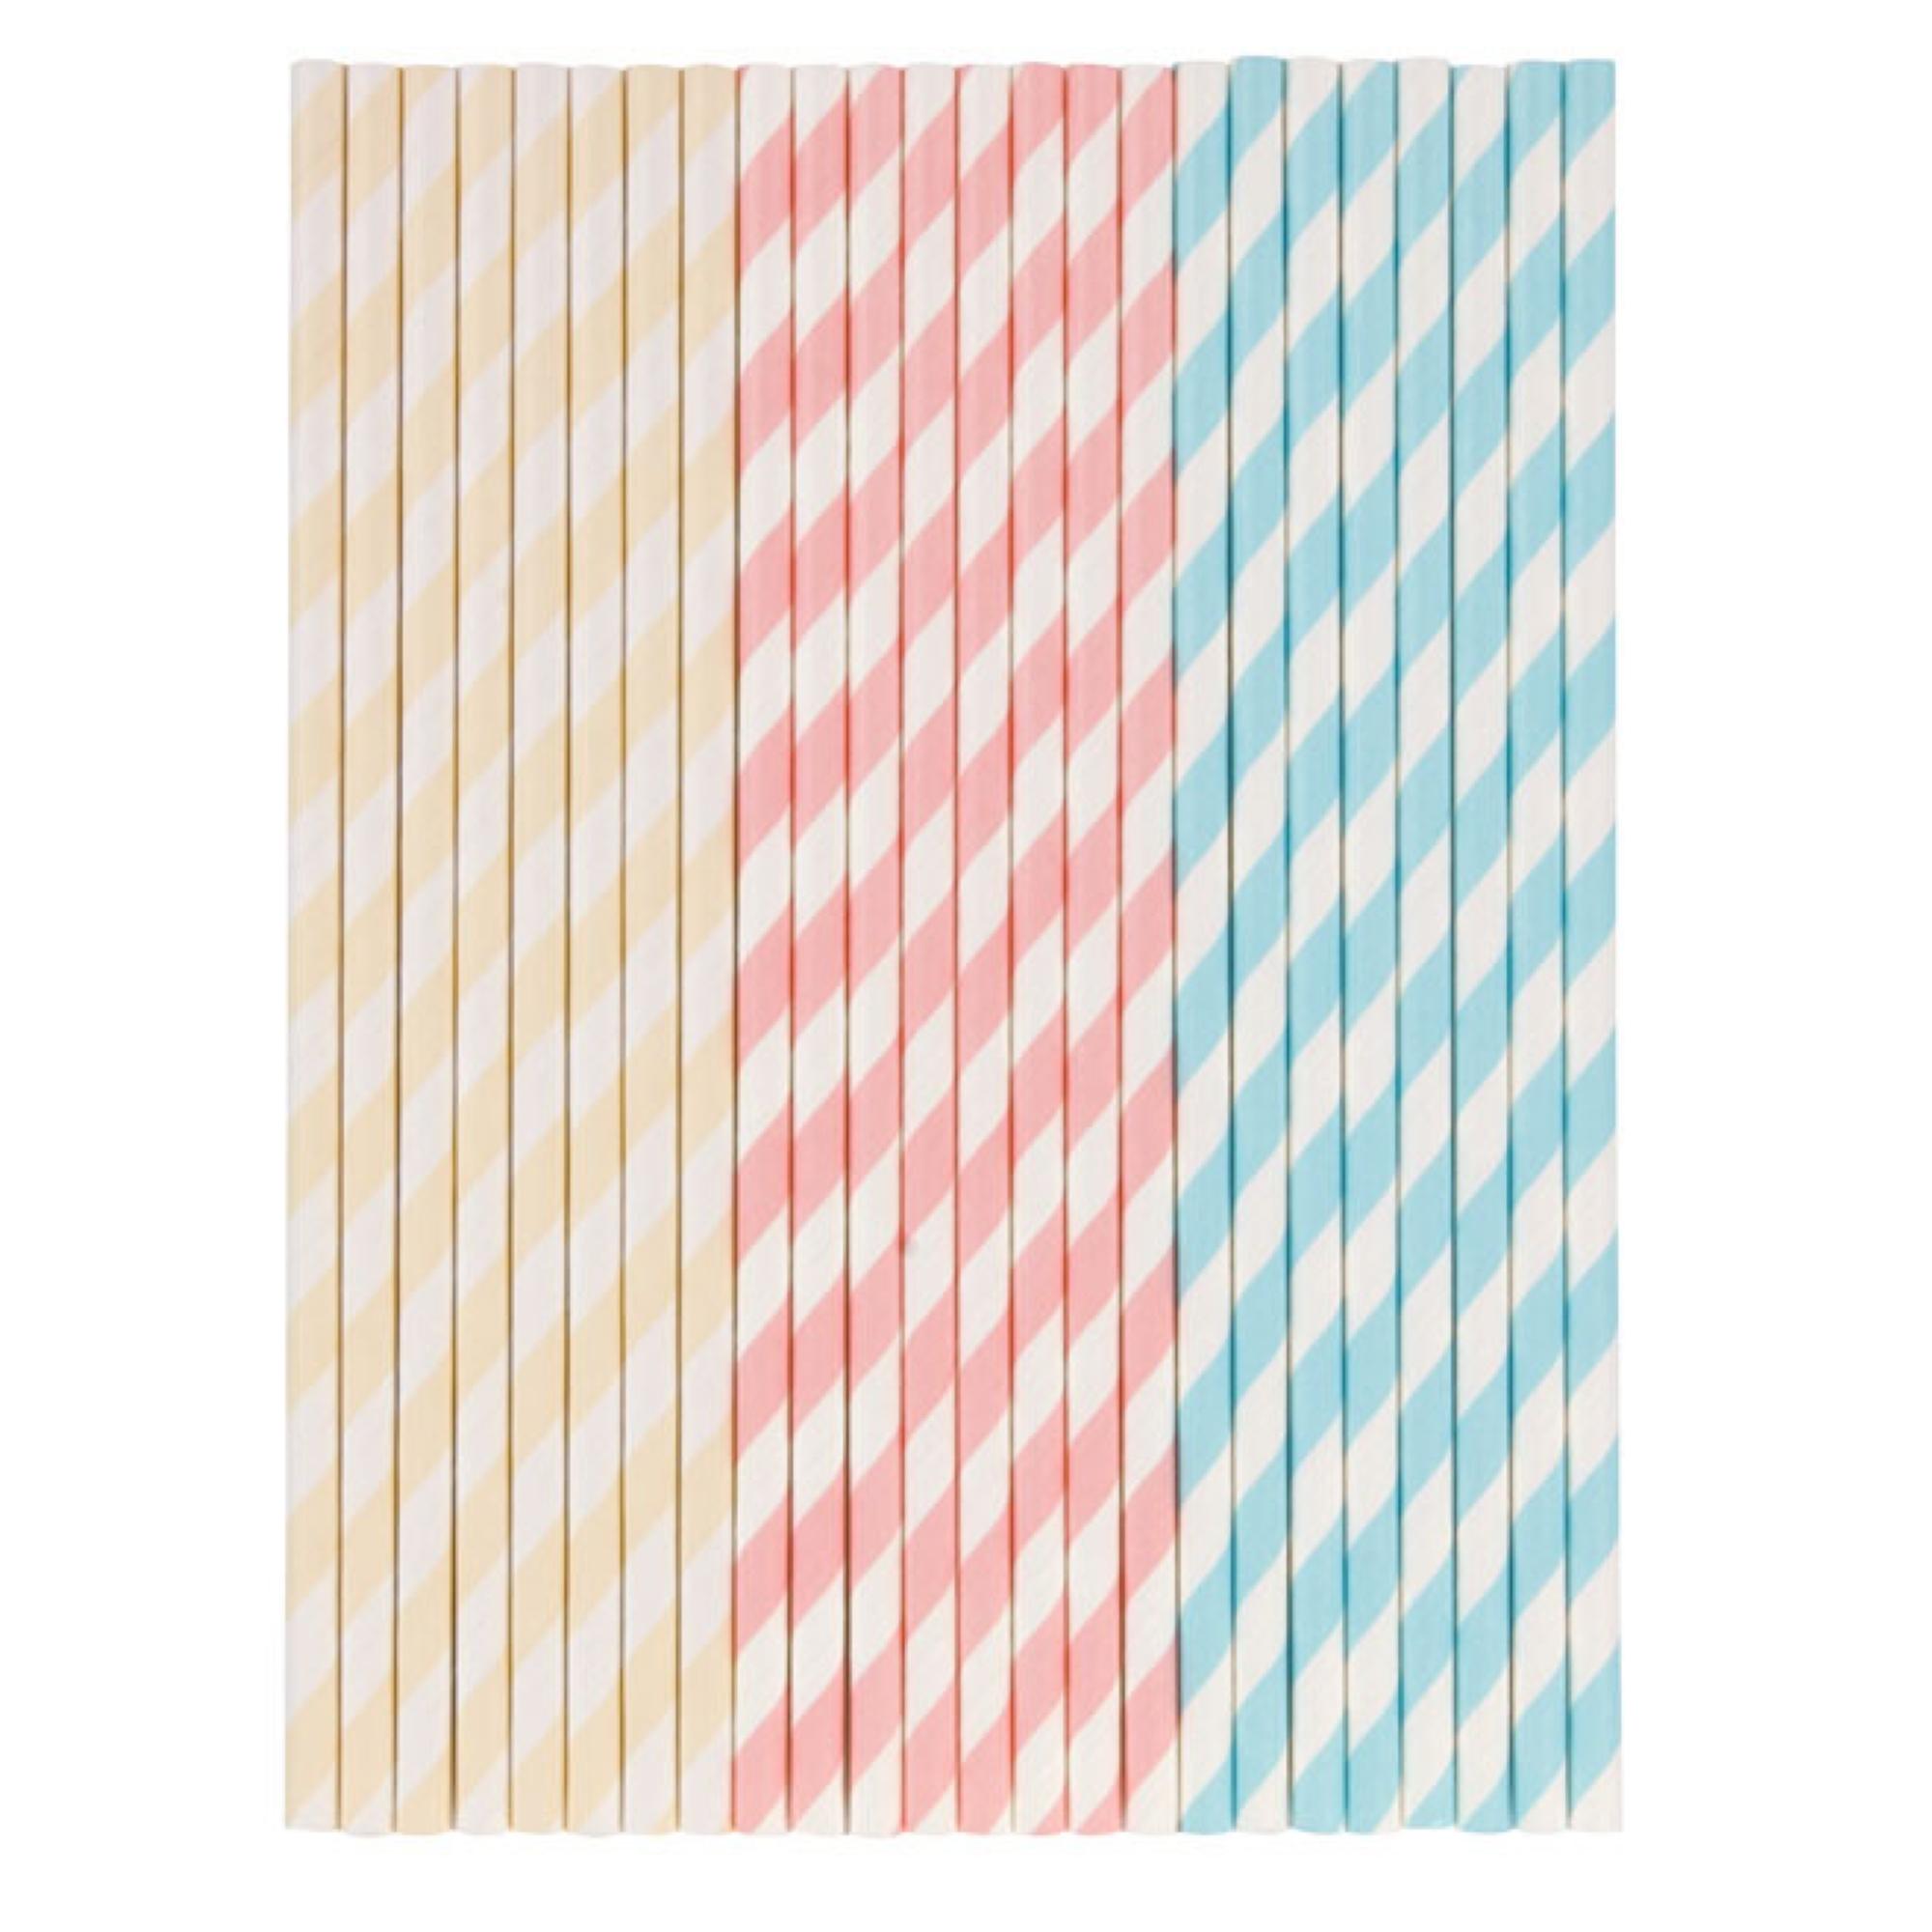 Tala 10A10216 Pastel Paper Straws White Pink Yellow Blue